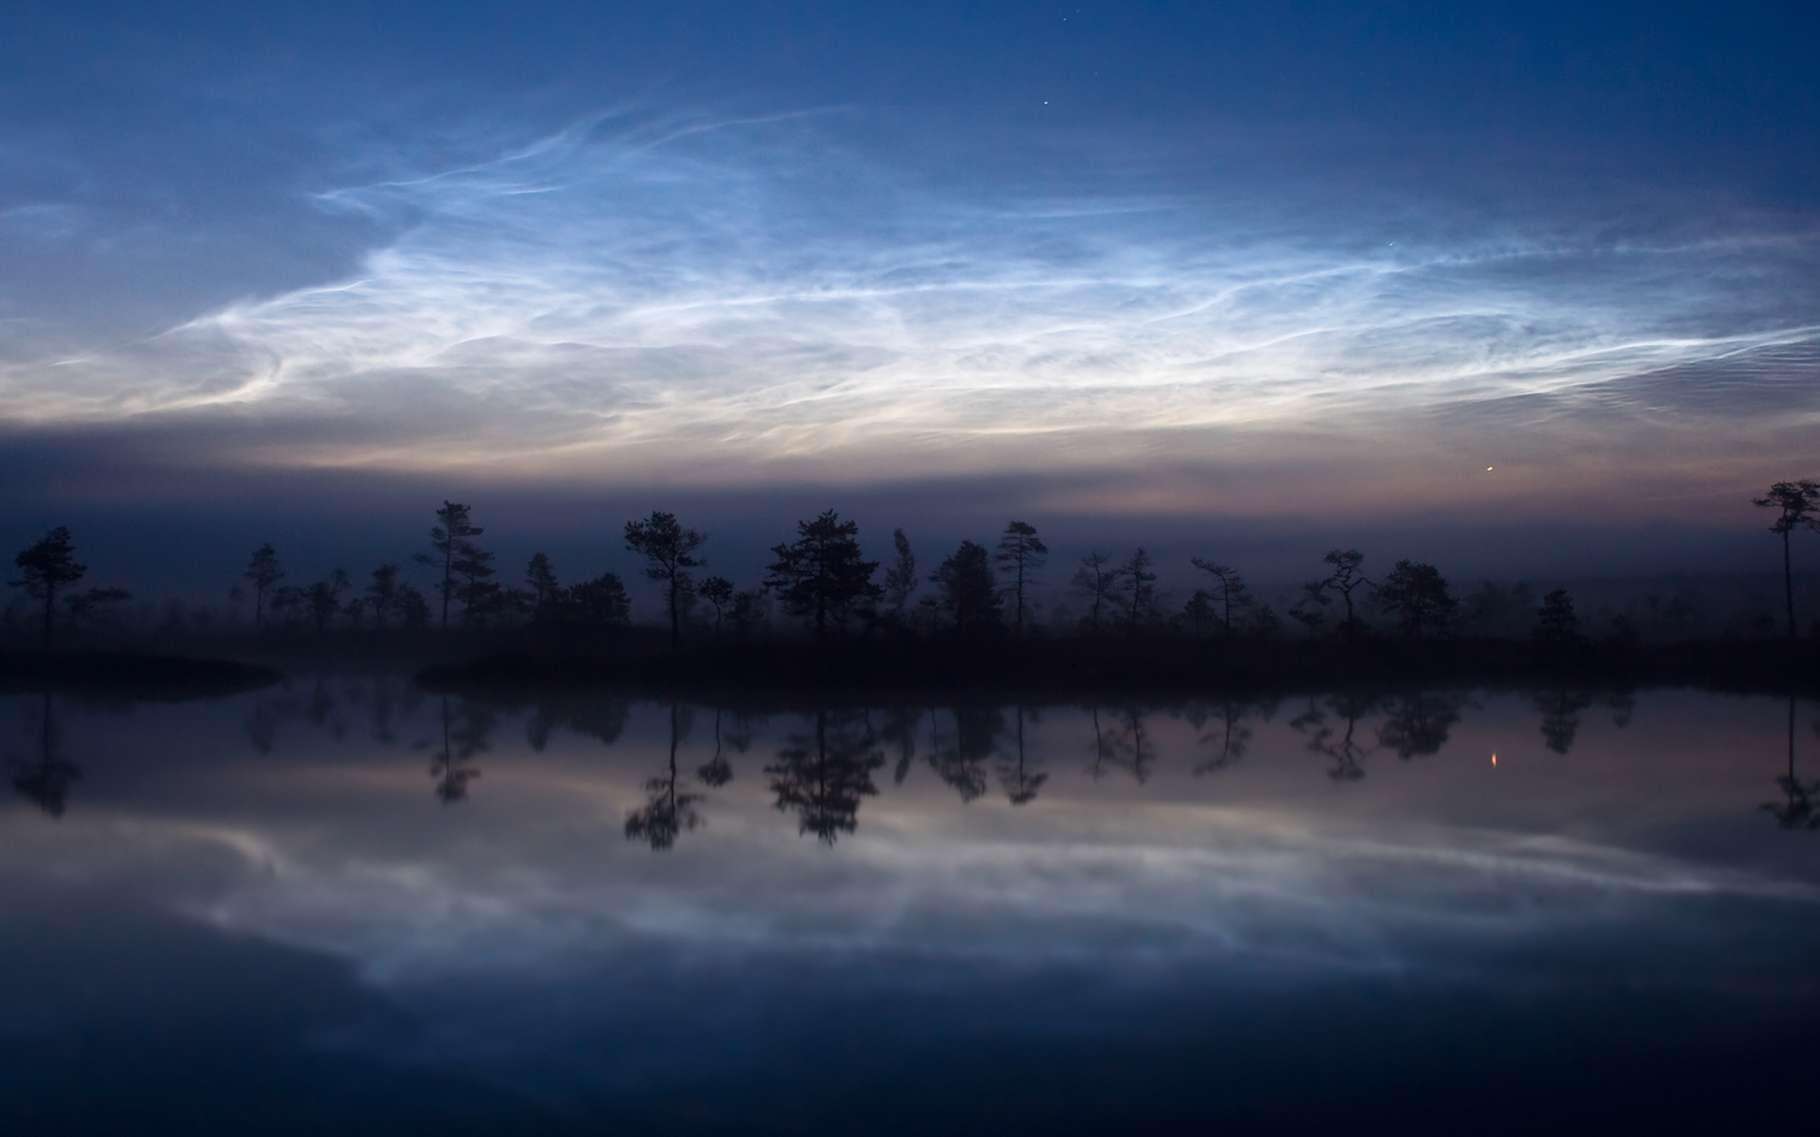 Les nuages noctulescents sont les nuages les plus hauts au monde : ils se forment à plus de 70 km d'altitude. © Martin Koitmäe, Wikipédia, CC by-SA 4.0